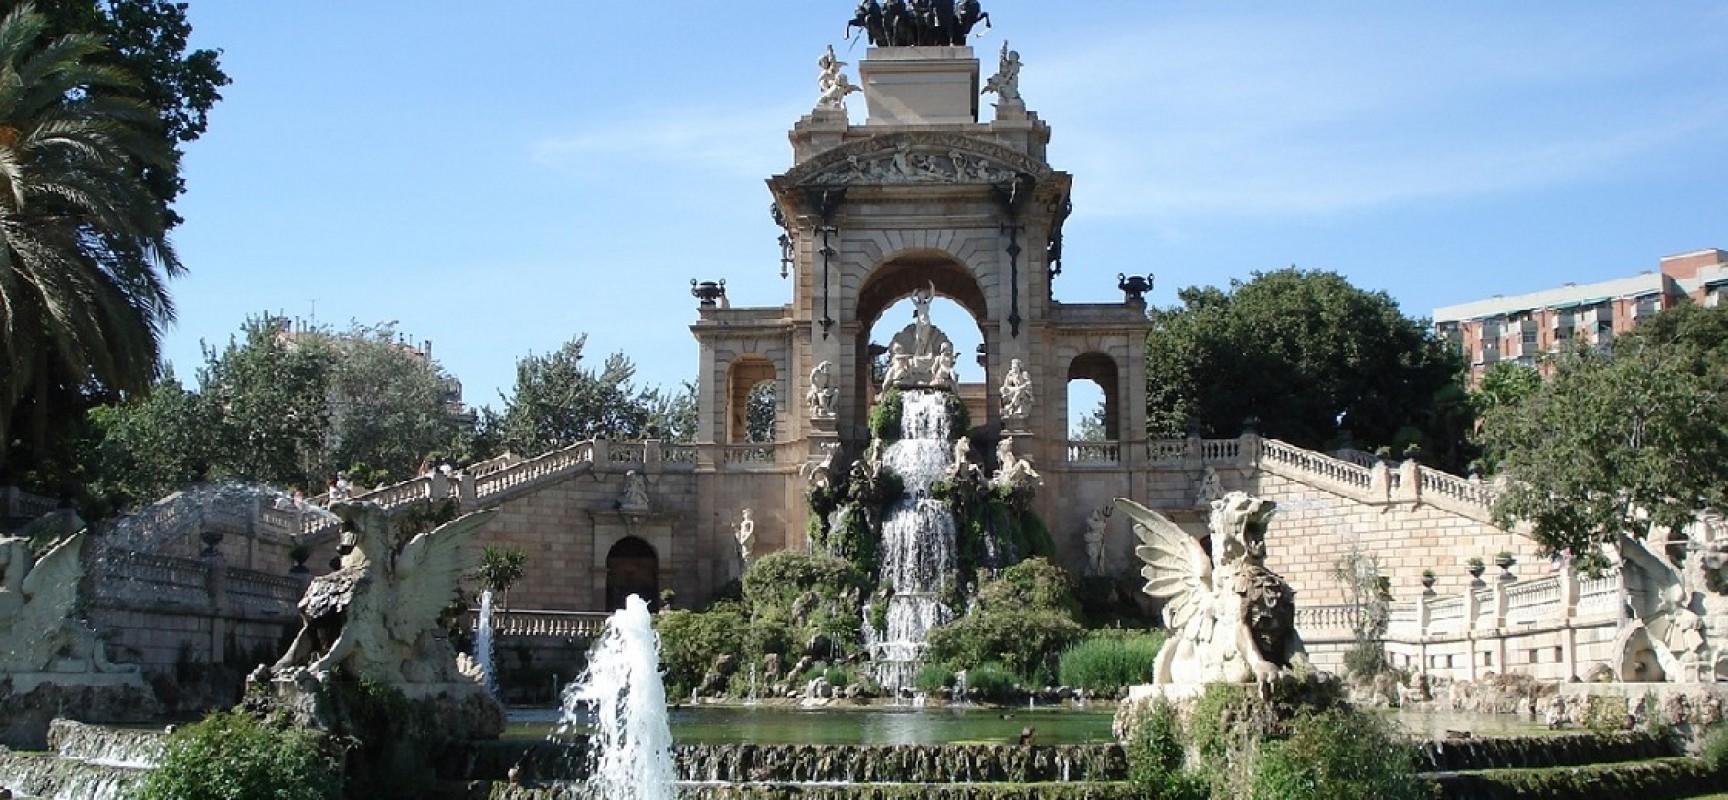 Barcelona: Barcelona, Spain – Capital City Of Catalonia